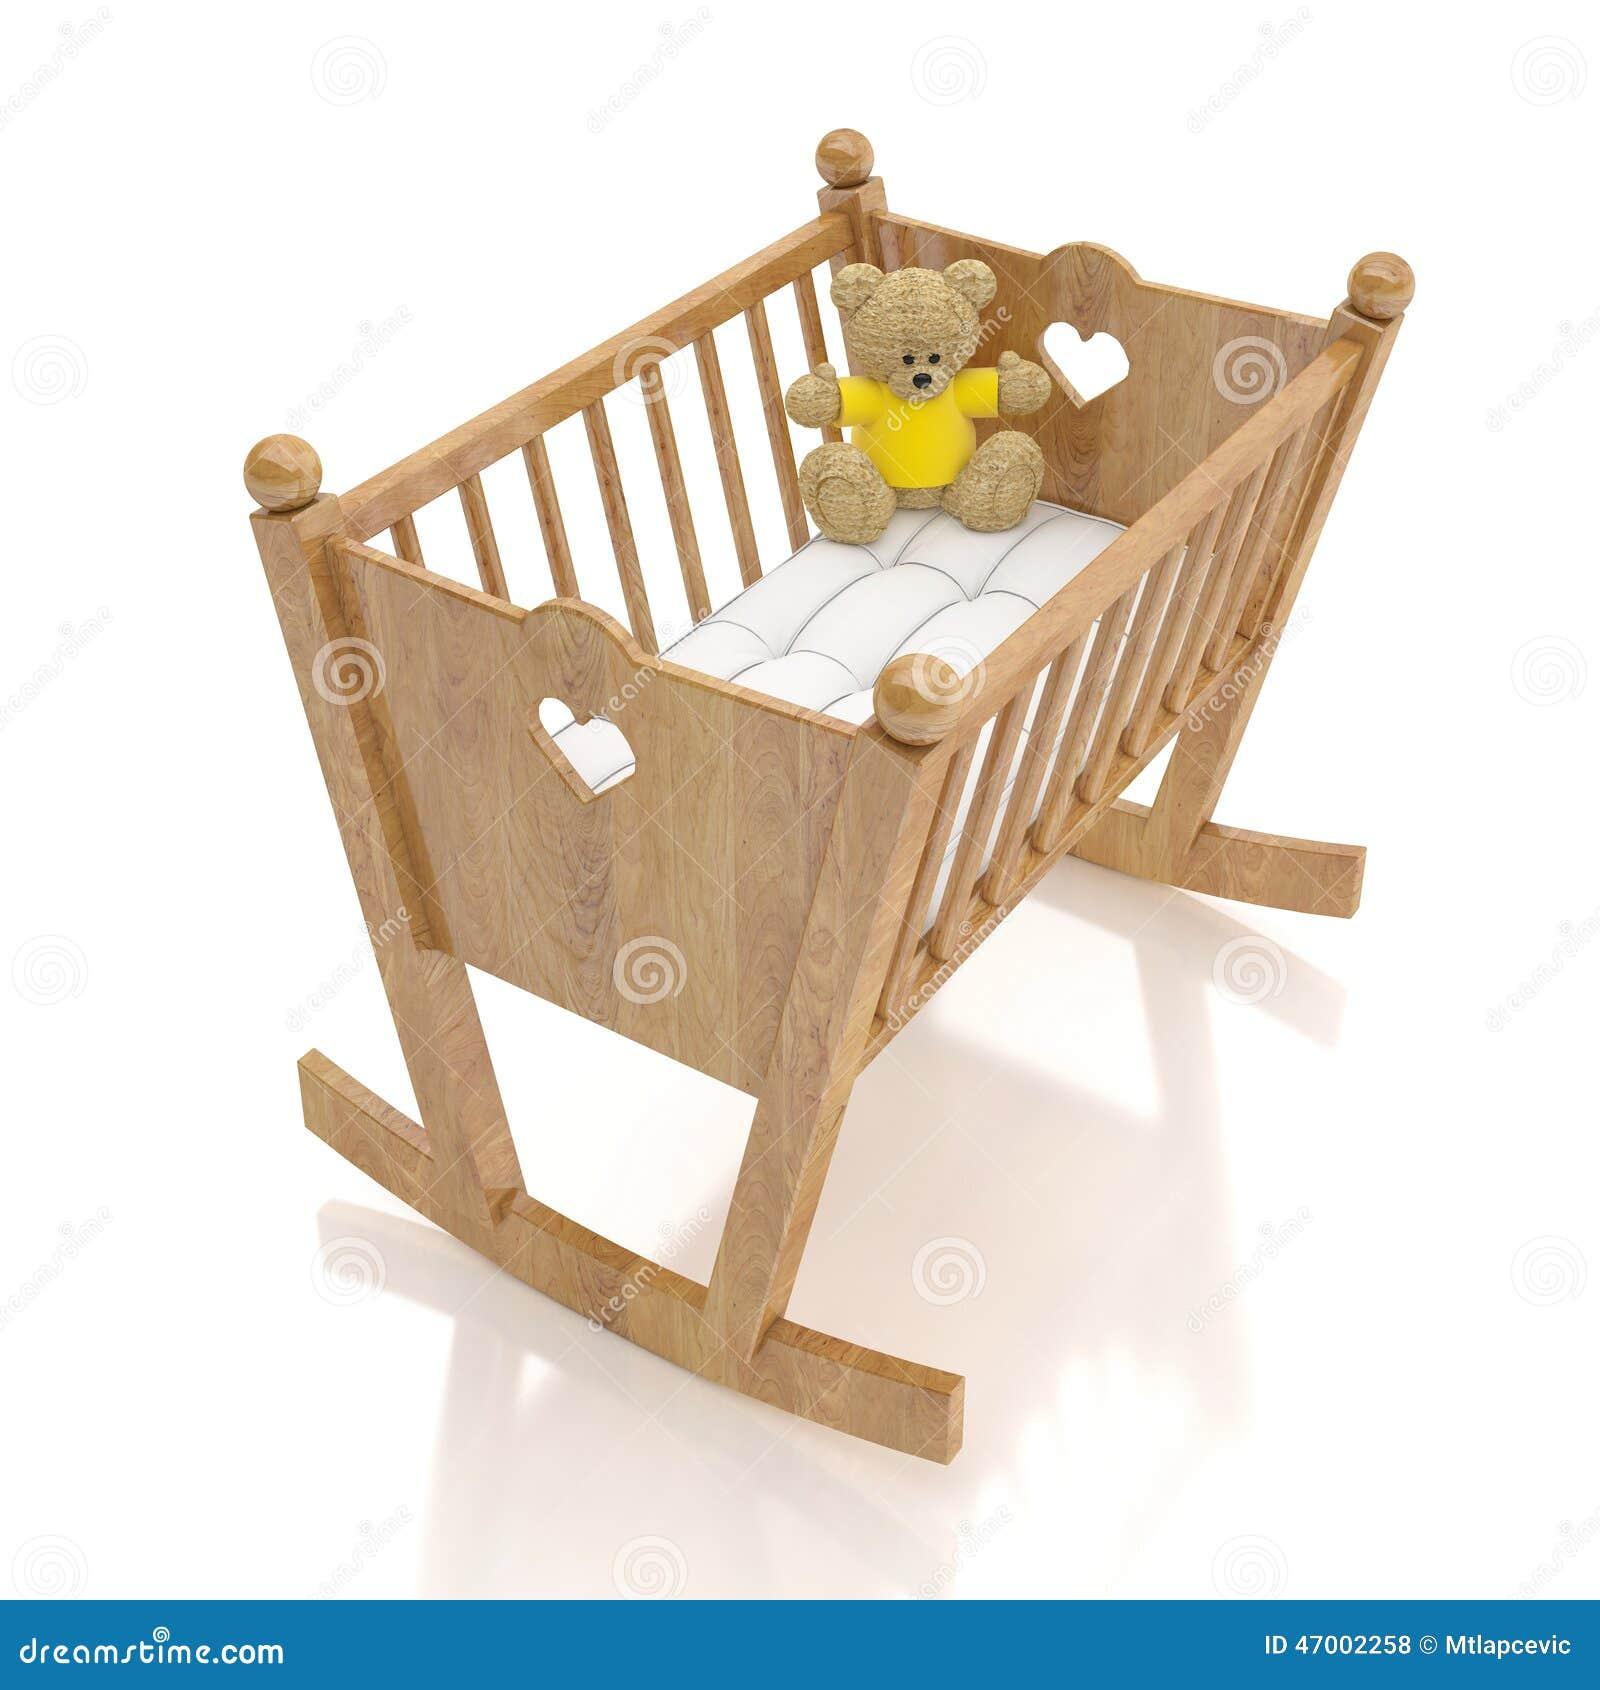 berceau en bois de b b avec le jouet d 39 ours d 39 isolement. Black Bedroom Furniture Sets. Home Design Ideas